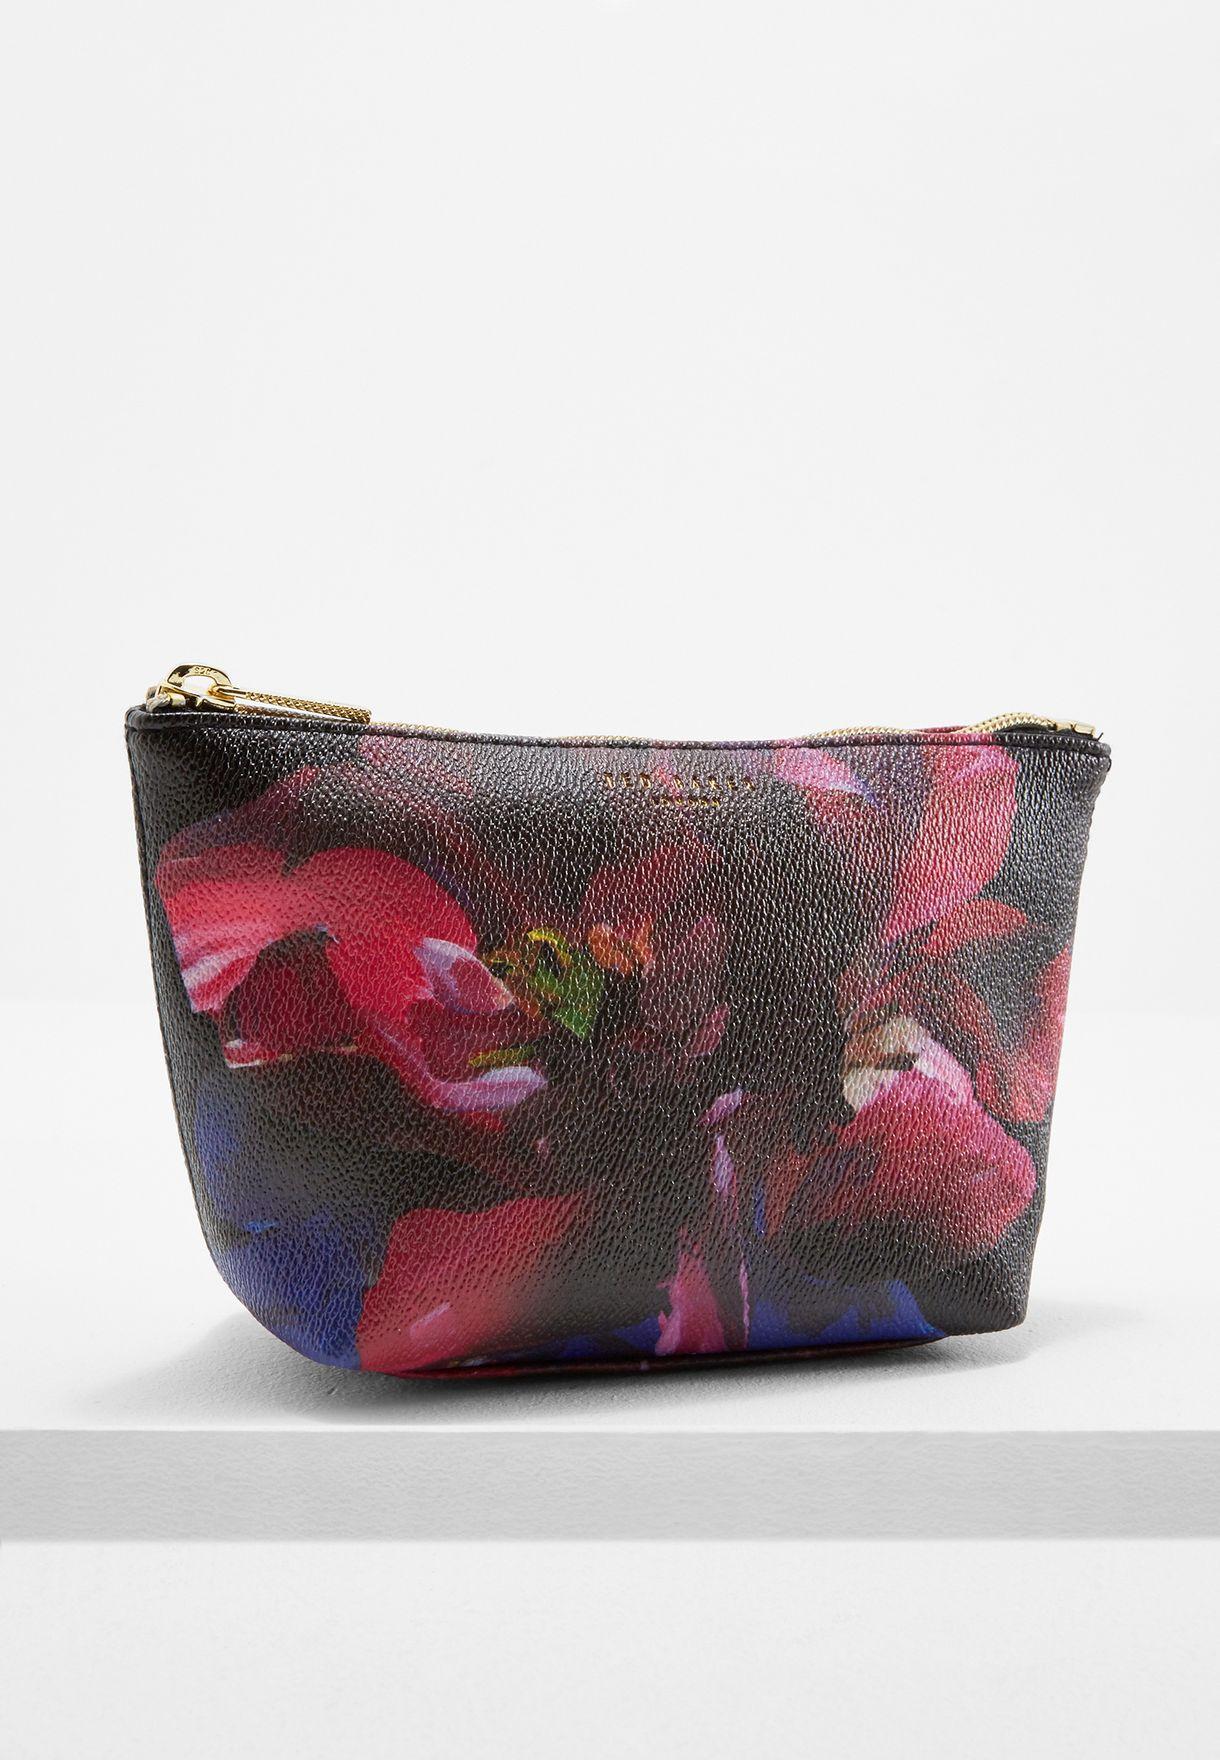 e33421969 Shop Ted baker prints Impressionist Bloom Makeup Bag GG49 LEAA for ...